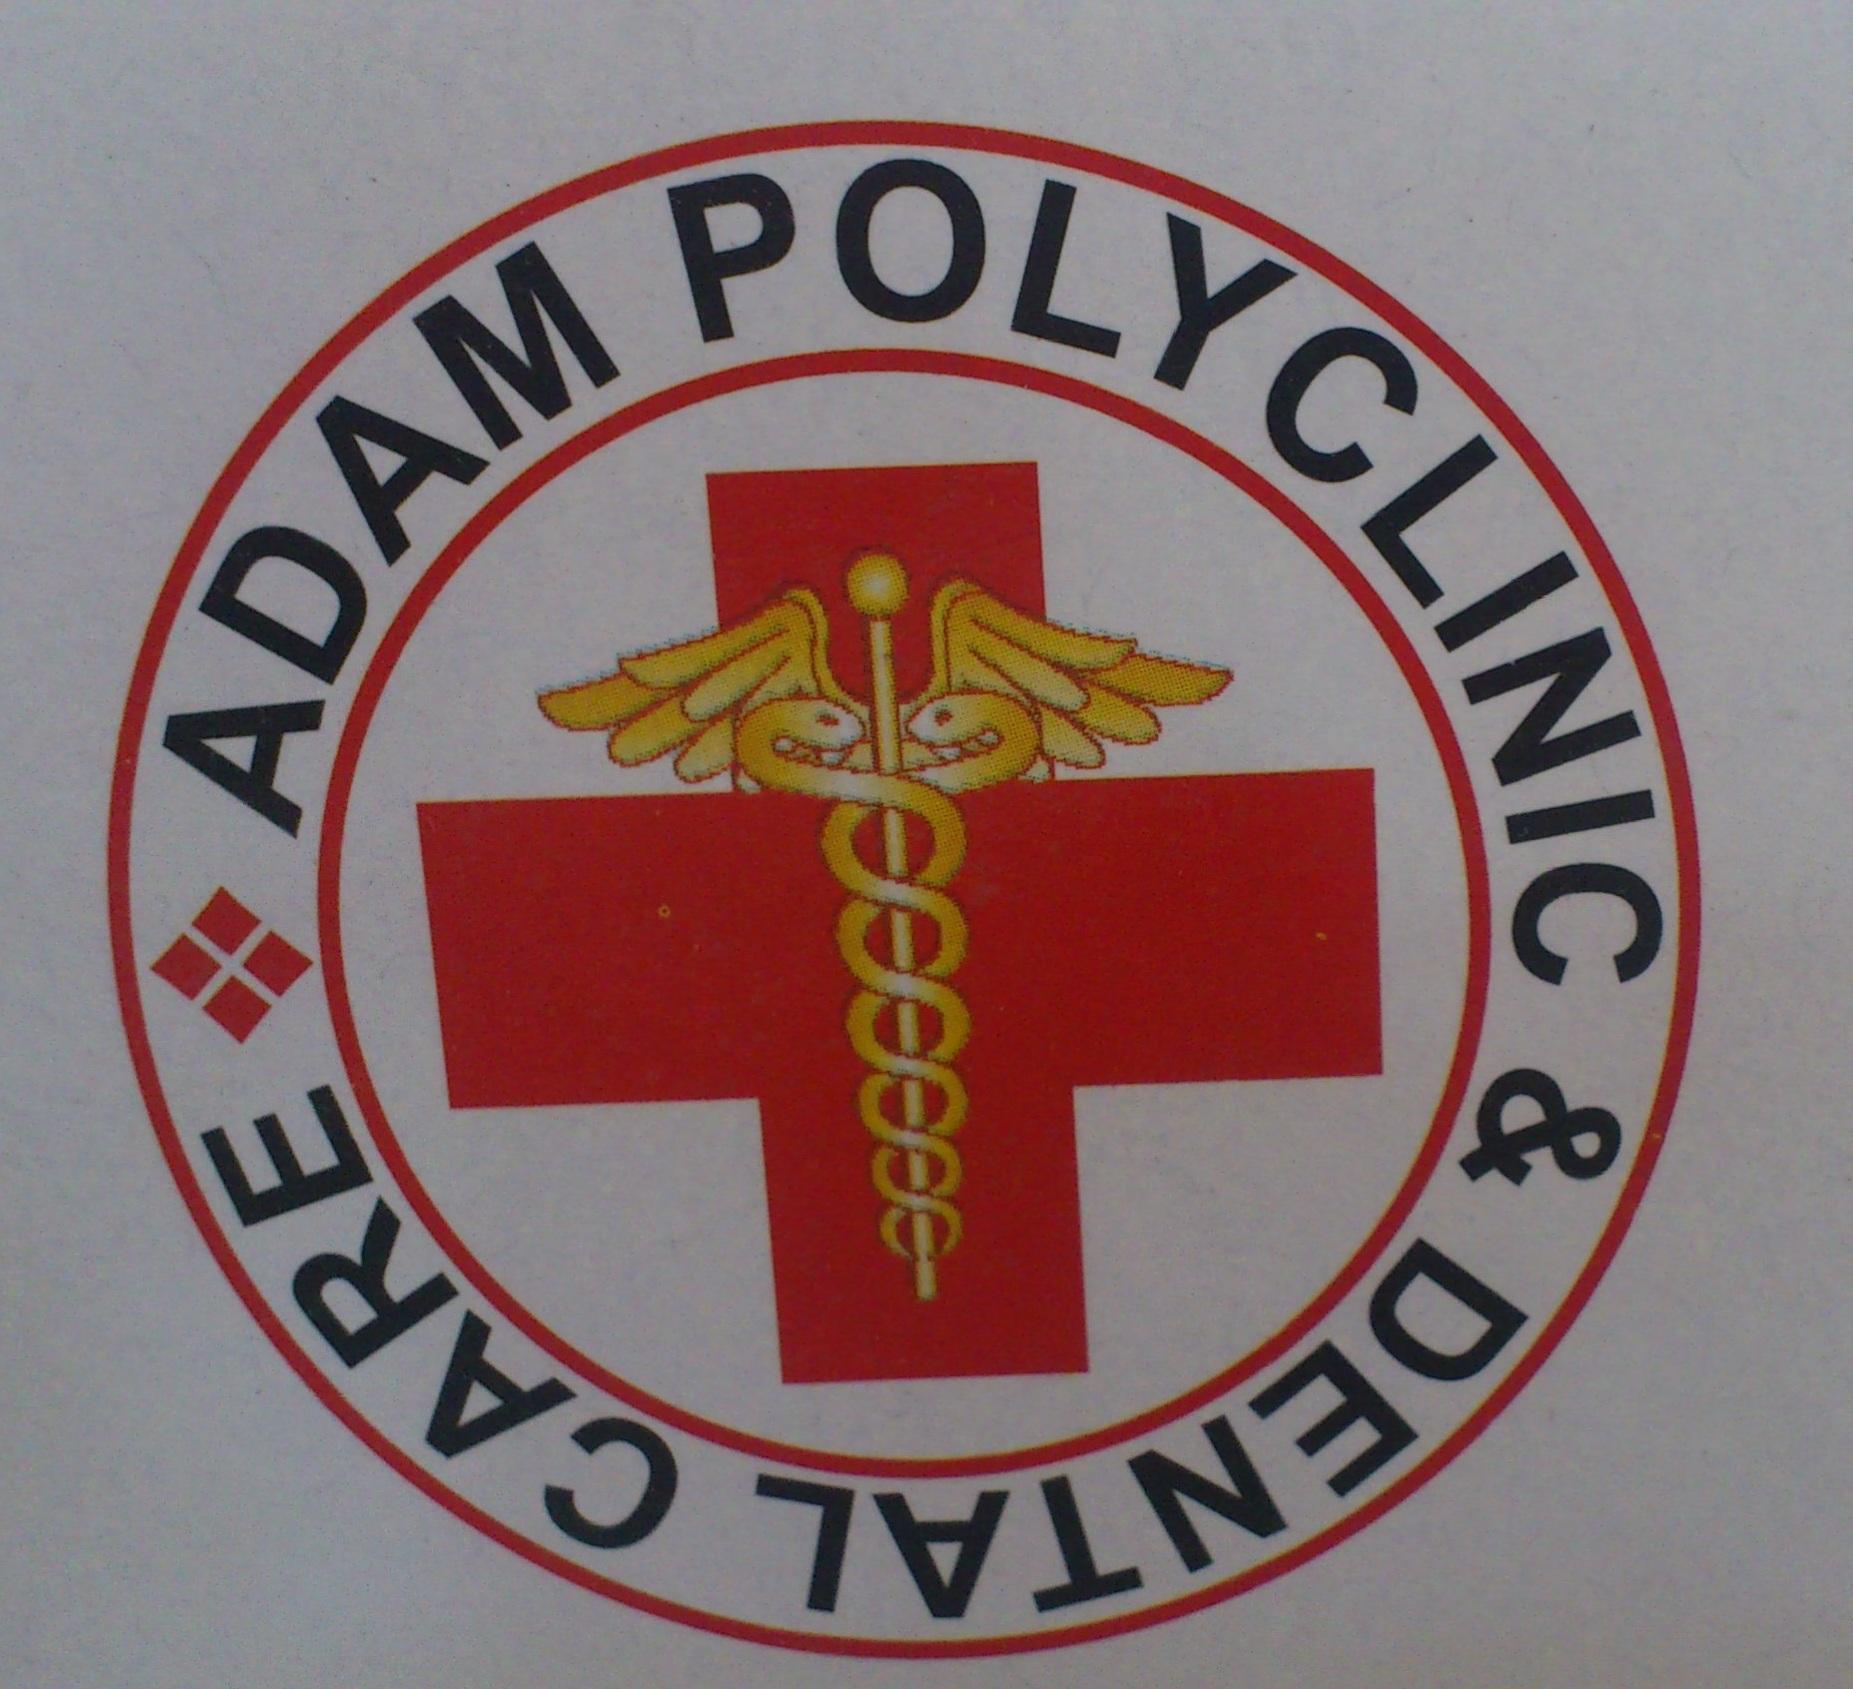 Adam Poly Clinic & Dental Care